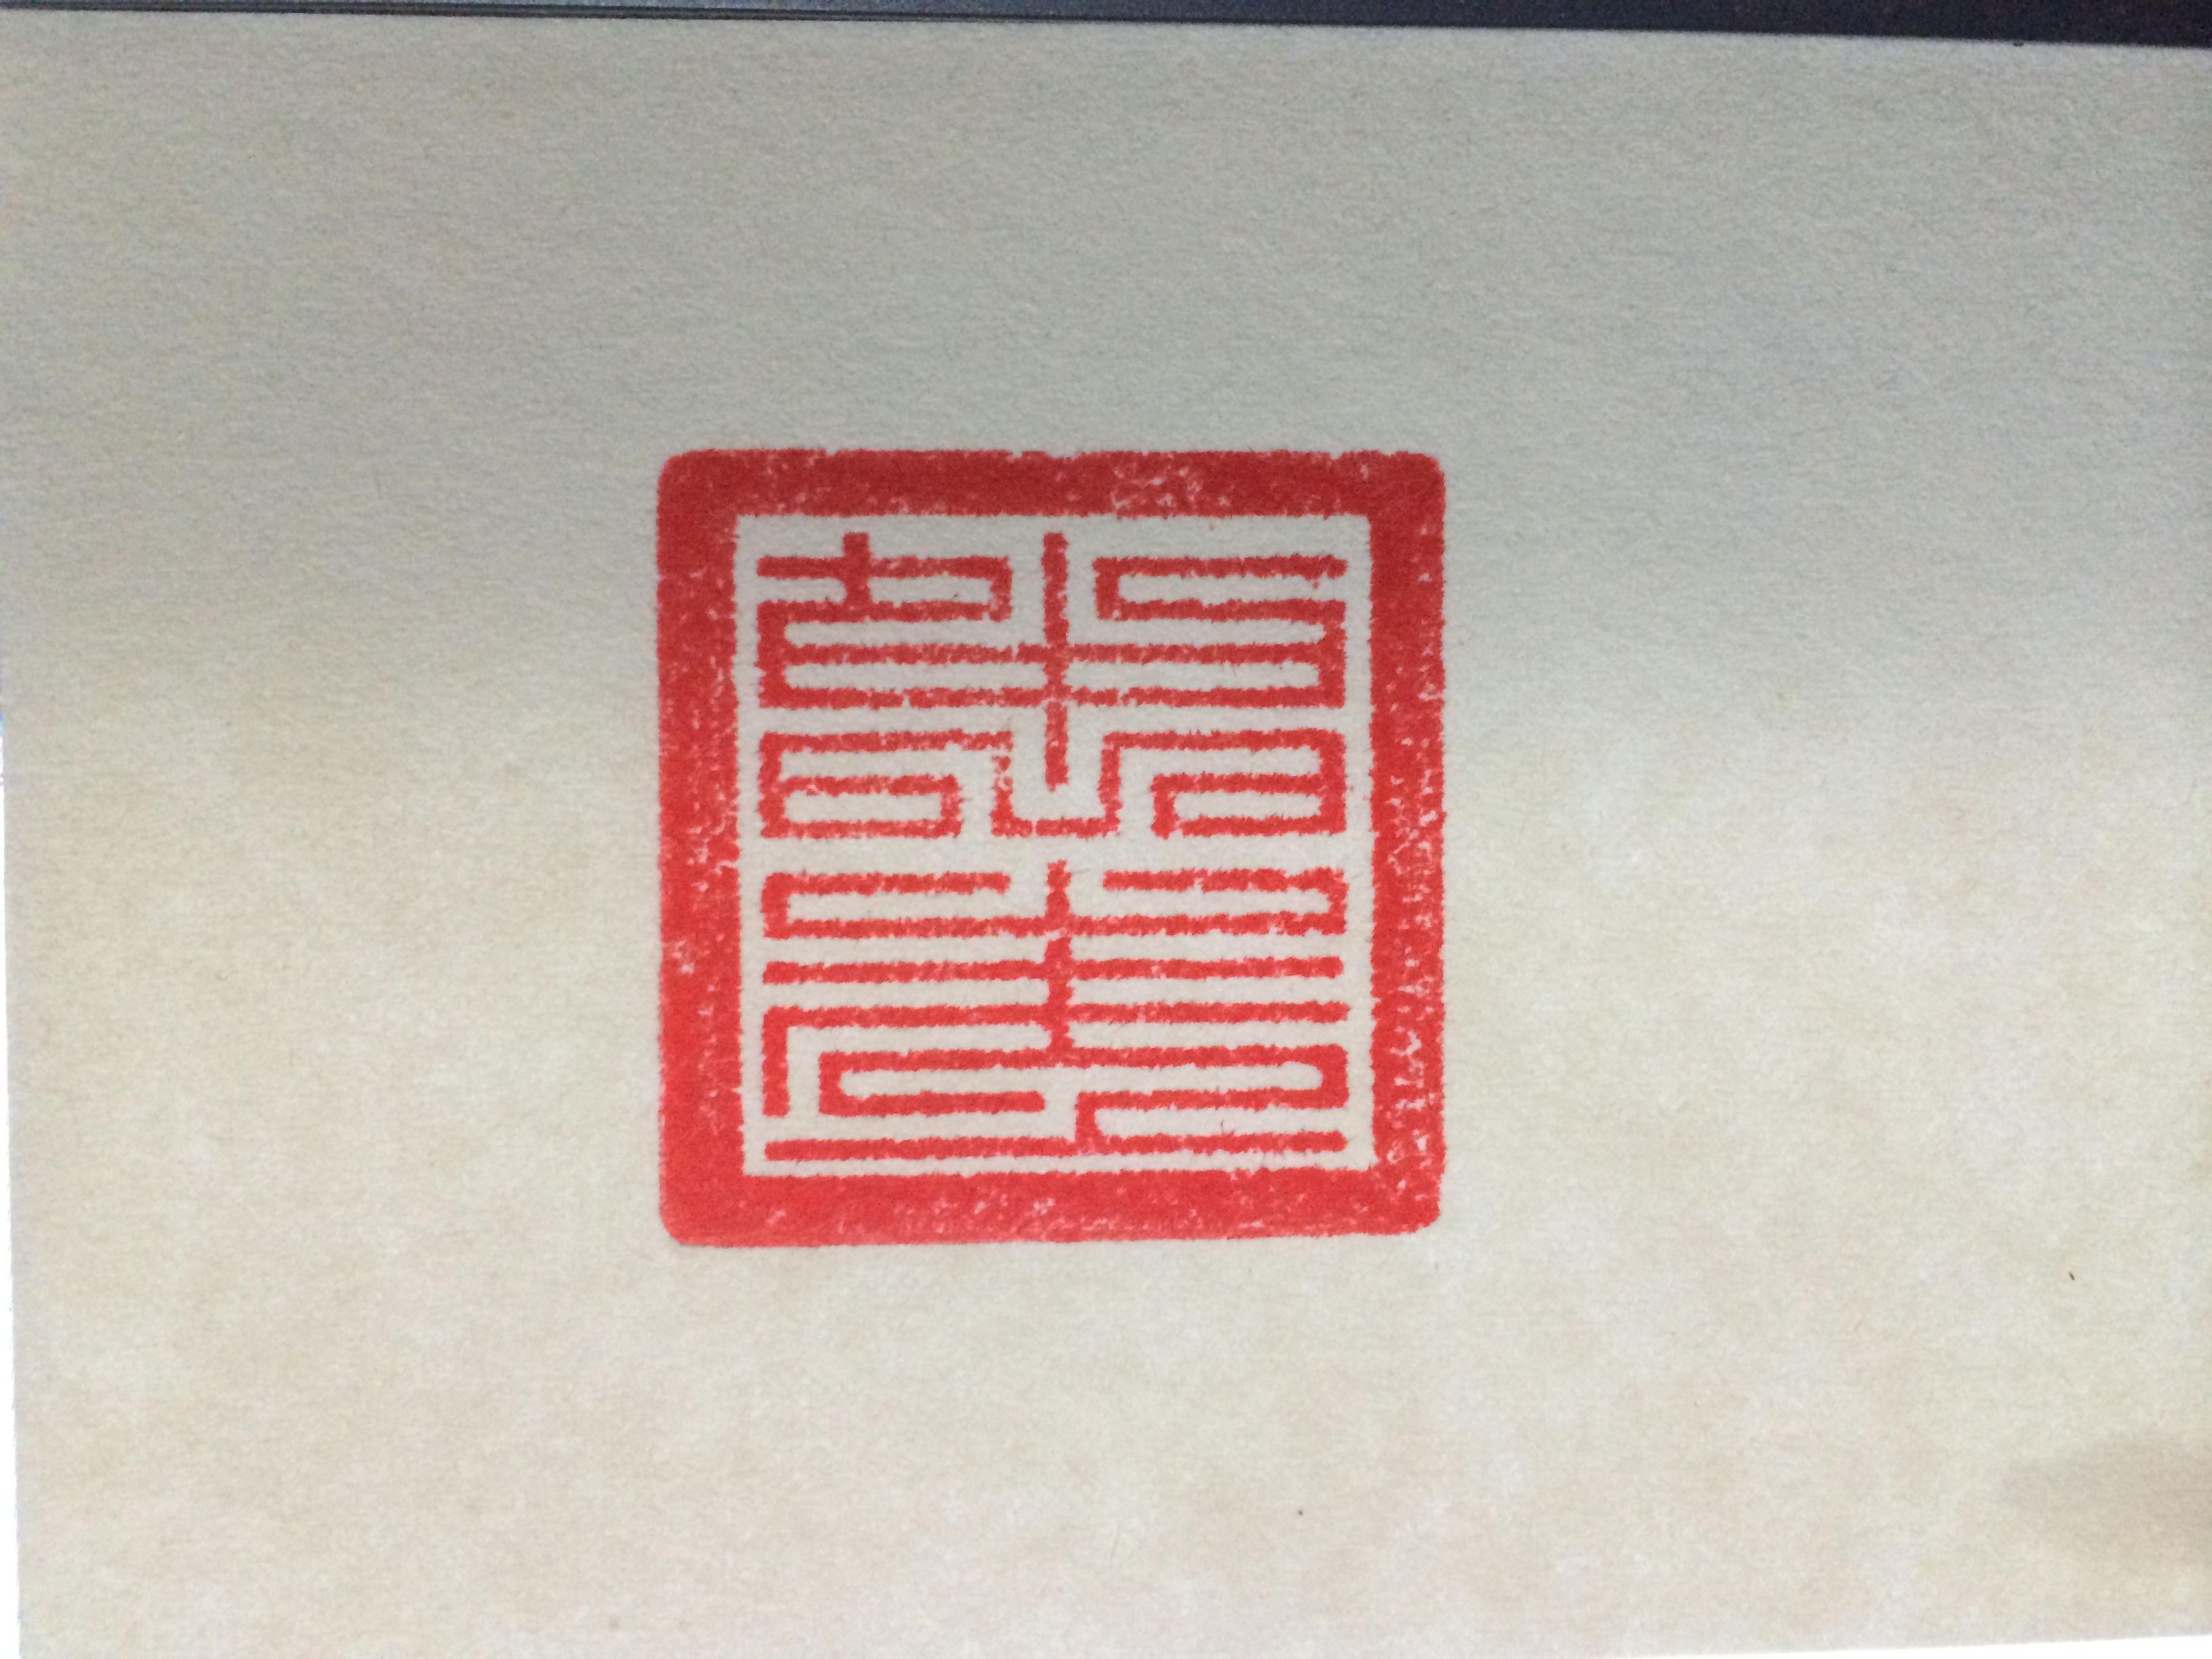 相超书法印章_甲骨文书法、印章江苏省南通中学建议使用I